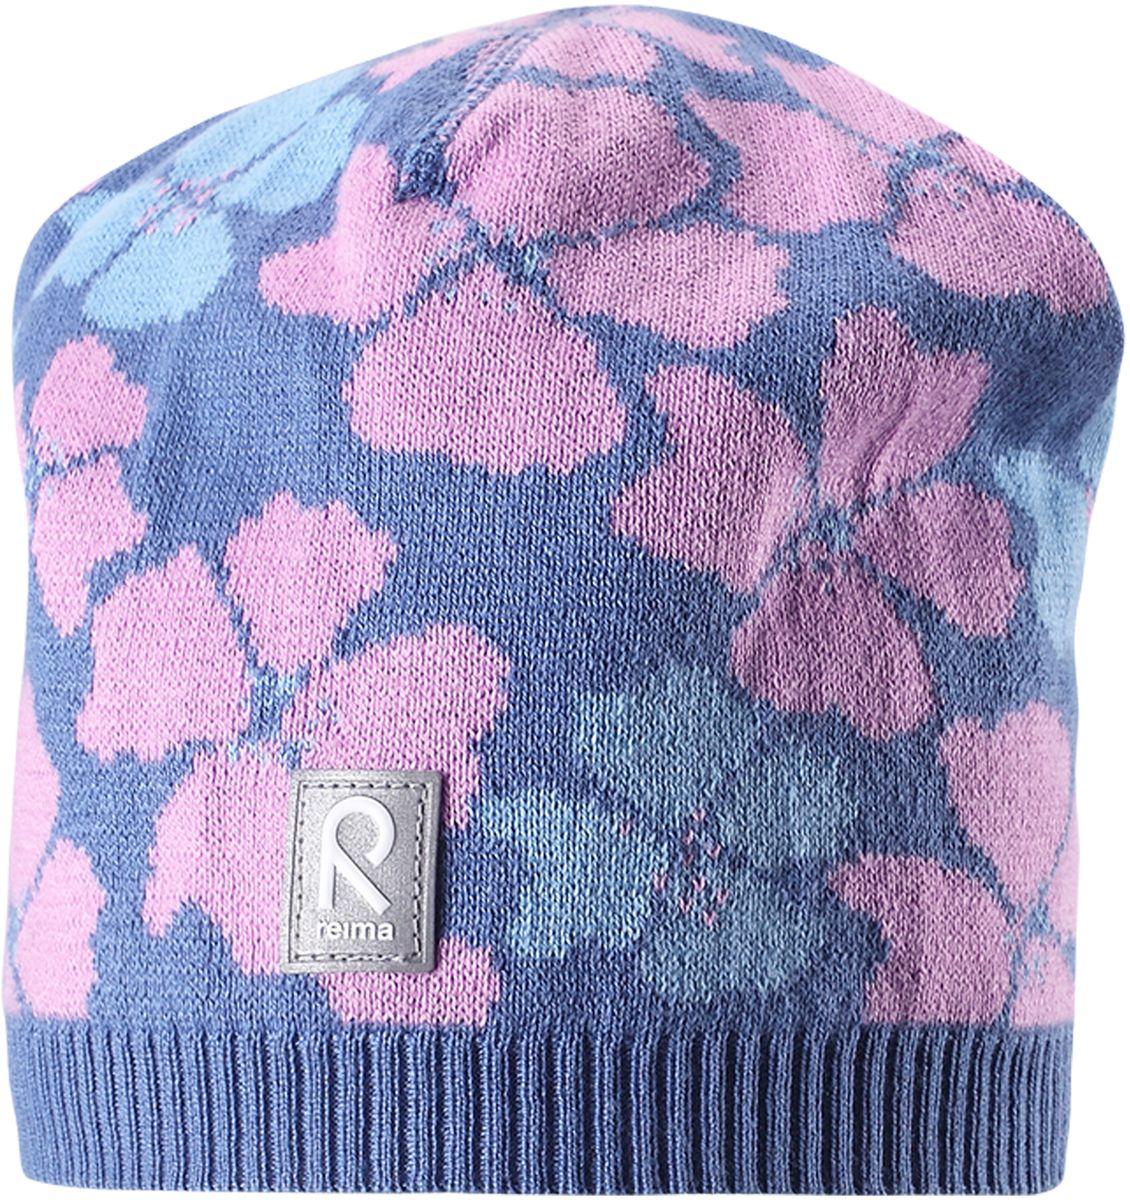 Шапка для девочки Reima Paradise, цвет: синий. 5285236550. Размер 545285236550Удобная детская шапка яркой расцветки рассчитана на межсезонье, в ней можно и поиграть во дворе, и прогуляться по городу. Она изготовлена из мягкого и комфортного вязаного хлопка. Эта облегченная модель без подкладки идеально подходит для солнечной погоды. Яркий сплошной жаккардовый узор будет отлично смотреться.